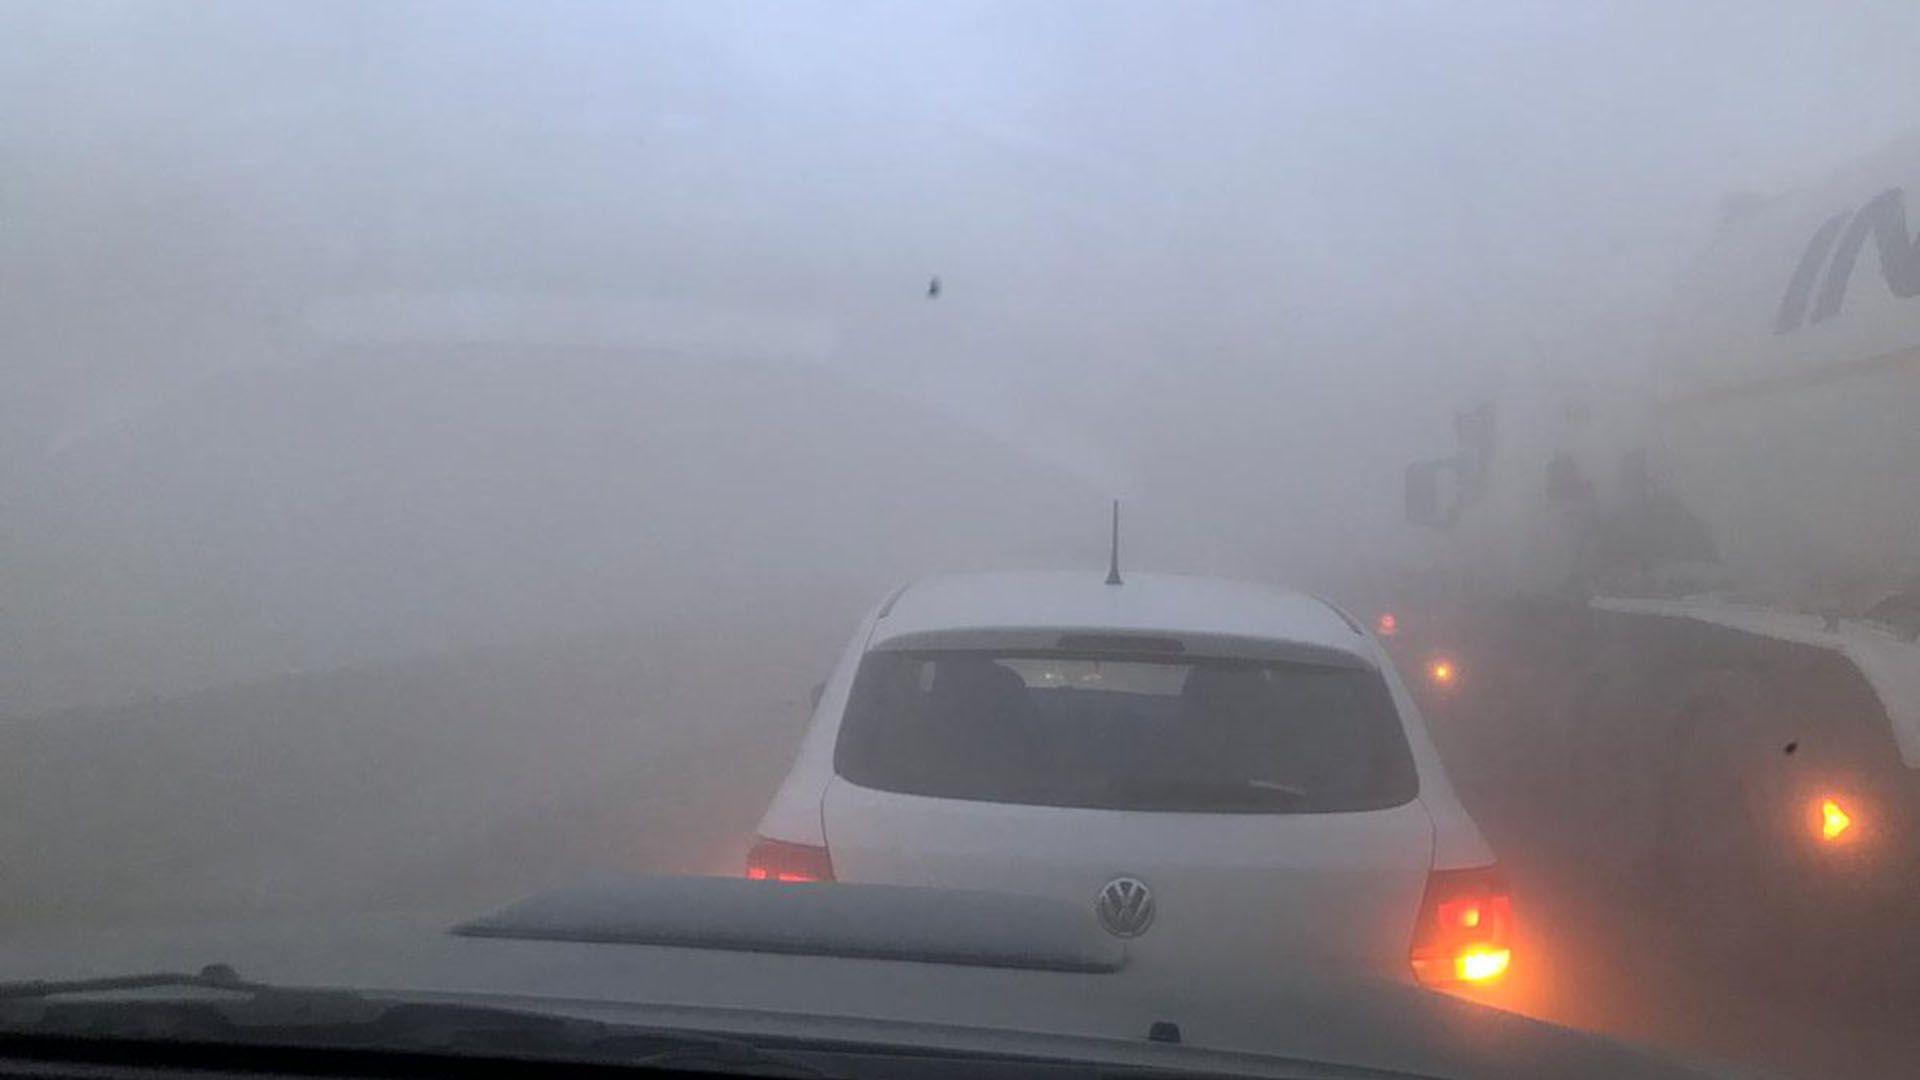 Poca visibilidad en las calles mendocinas por el viento Zonda (Twitter: @maxiviale)